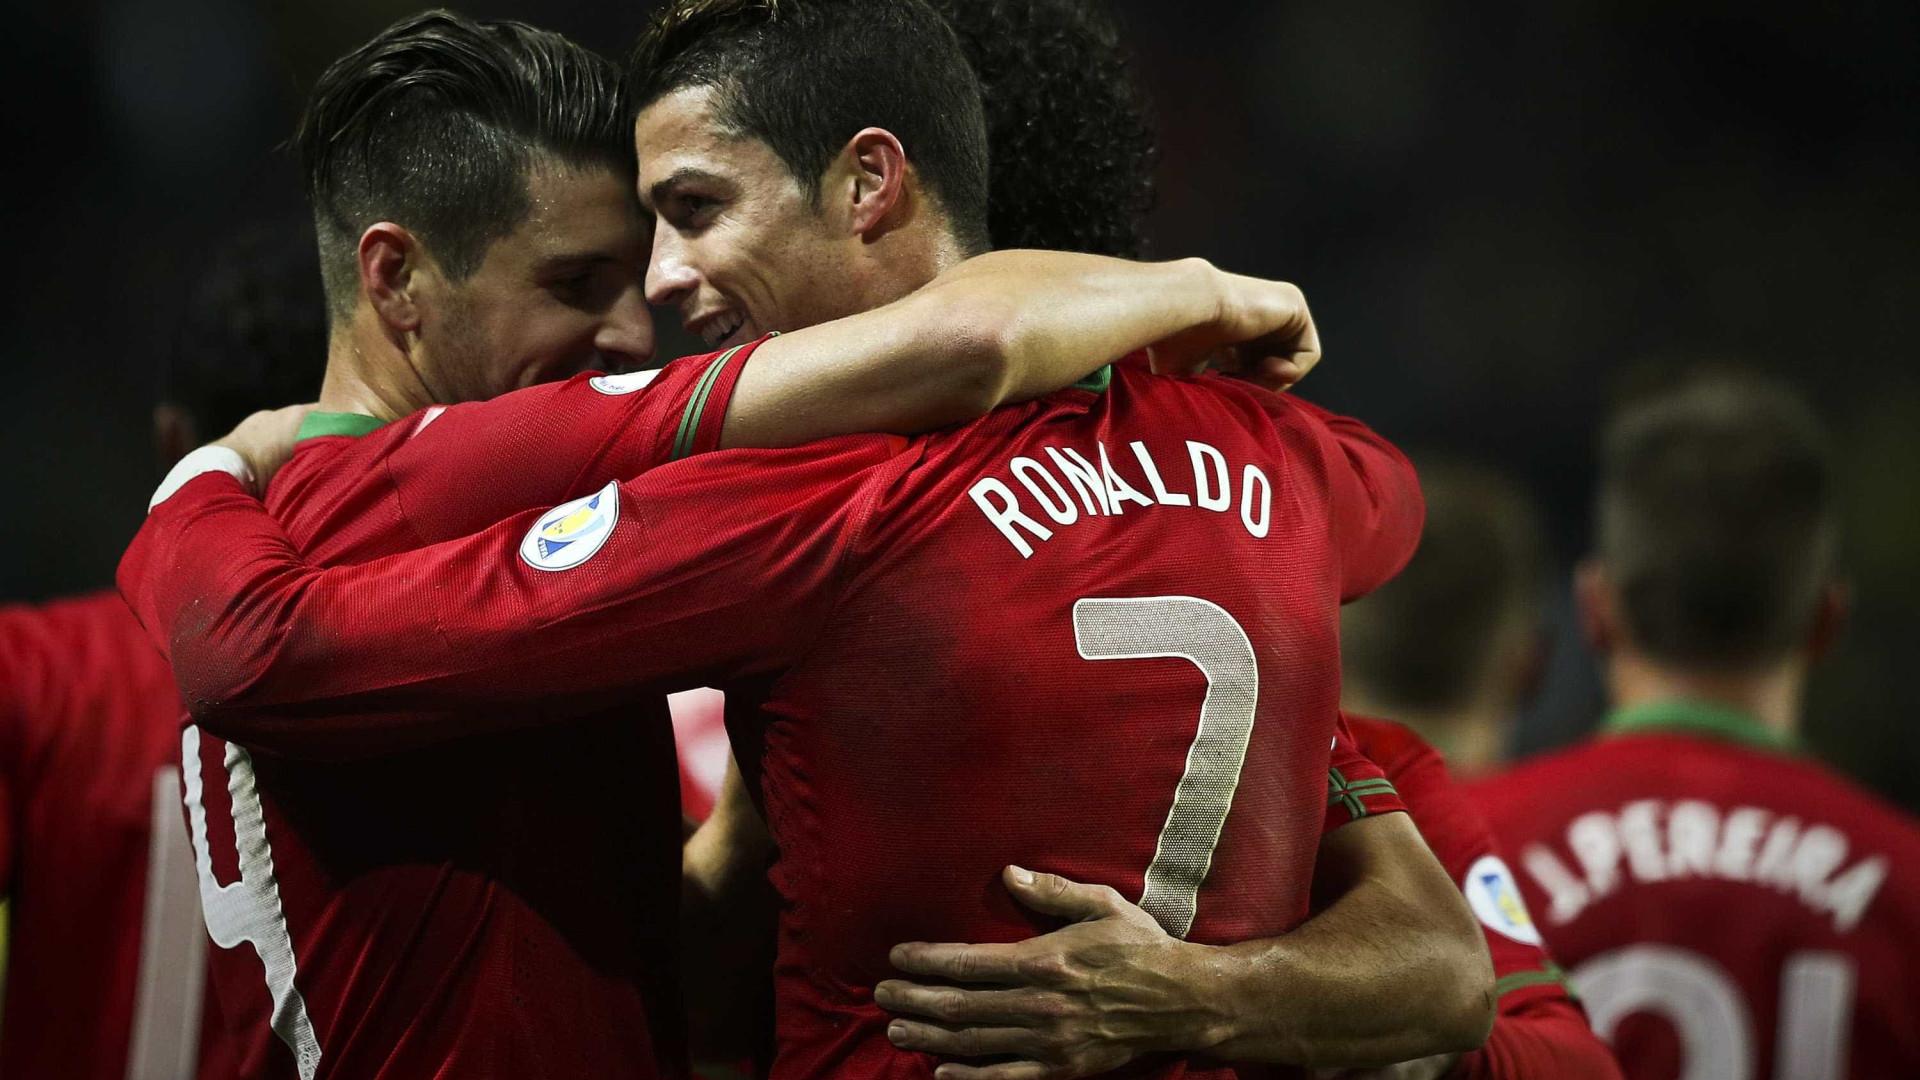 Portugal ruma ao Brasil com  hat-trick  de Ronaldo 331a91d68eb45